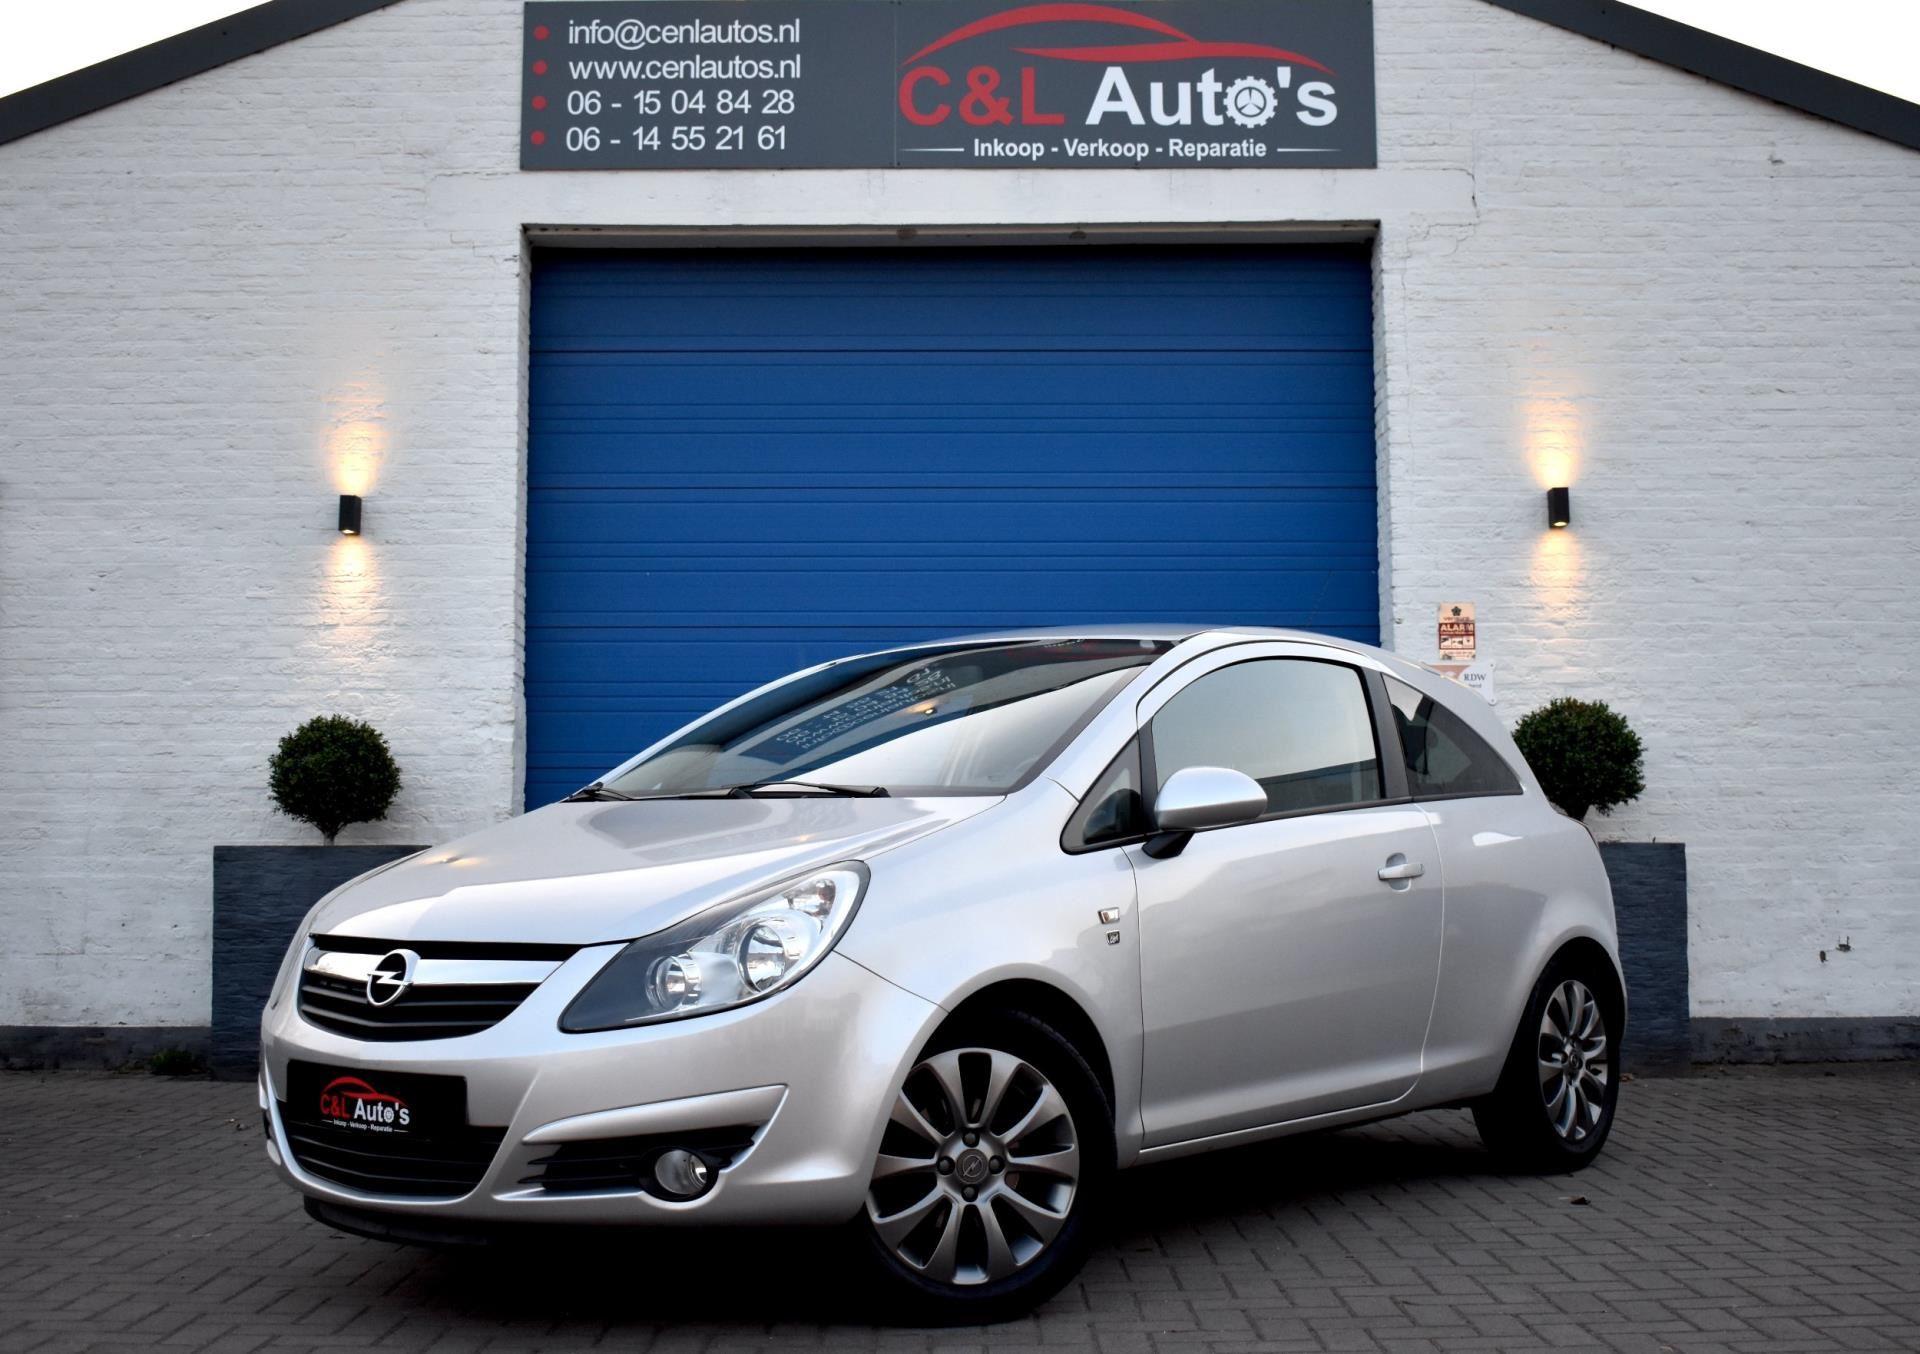 Opel Corsa occasion - C&L Auto's